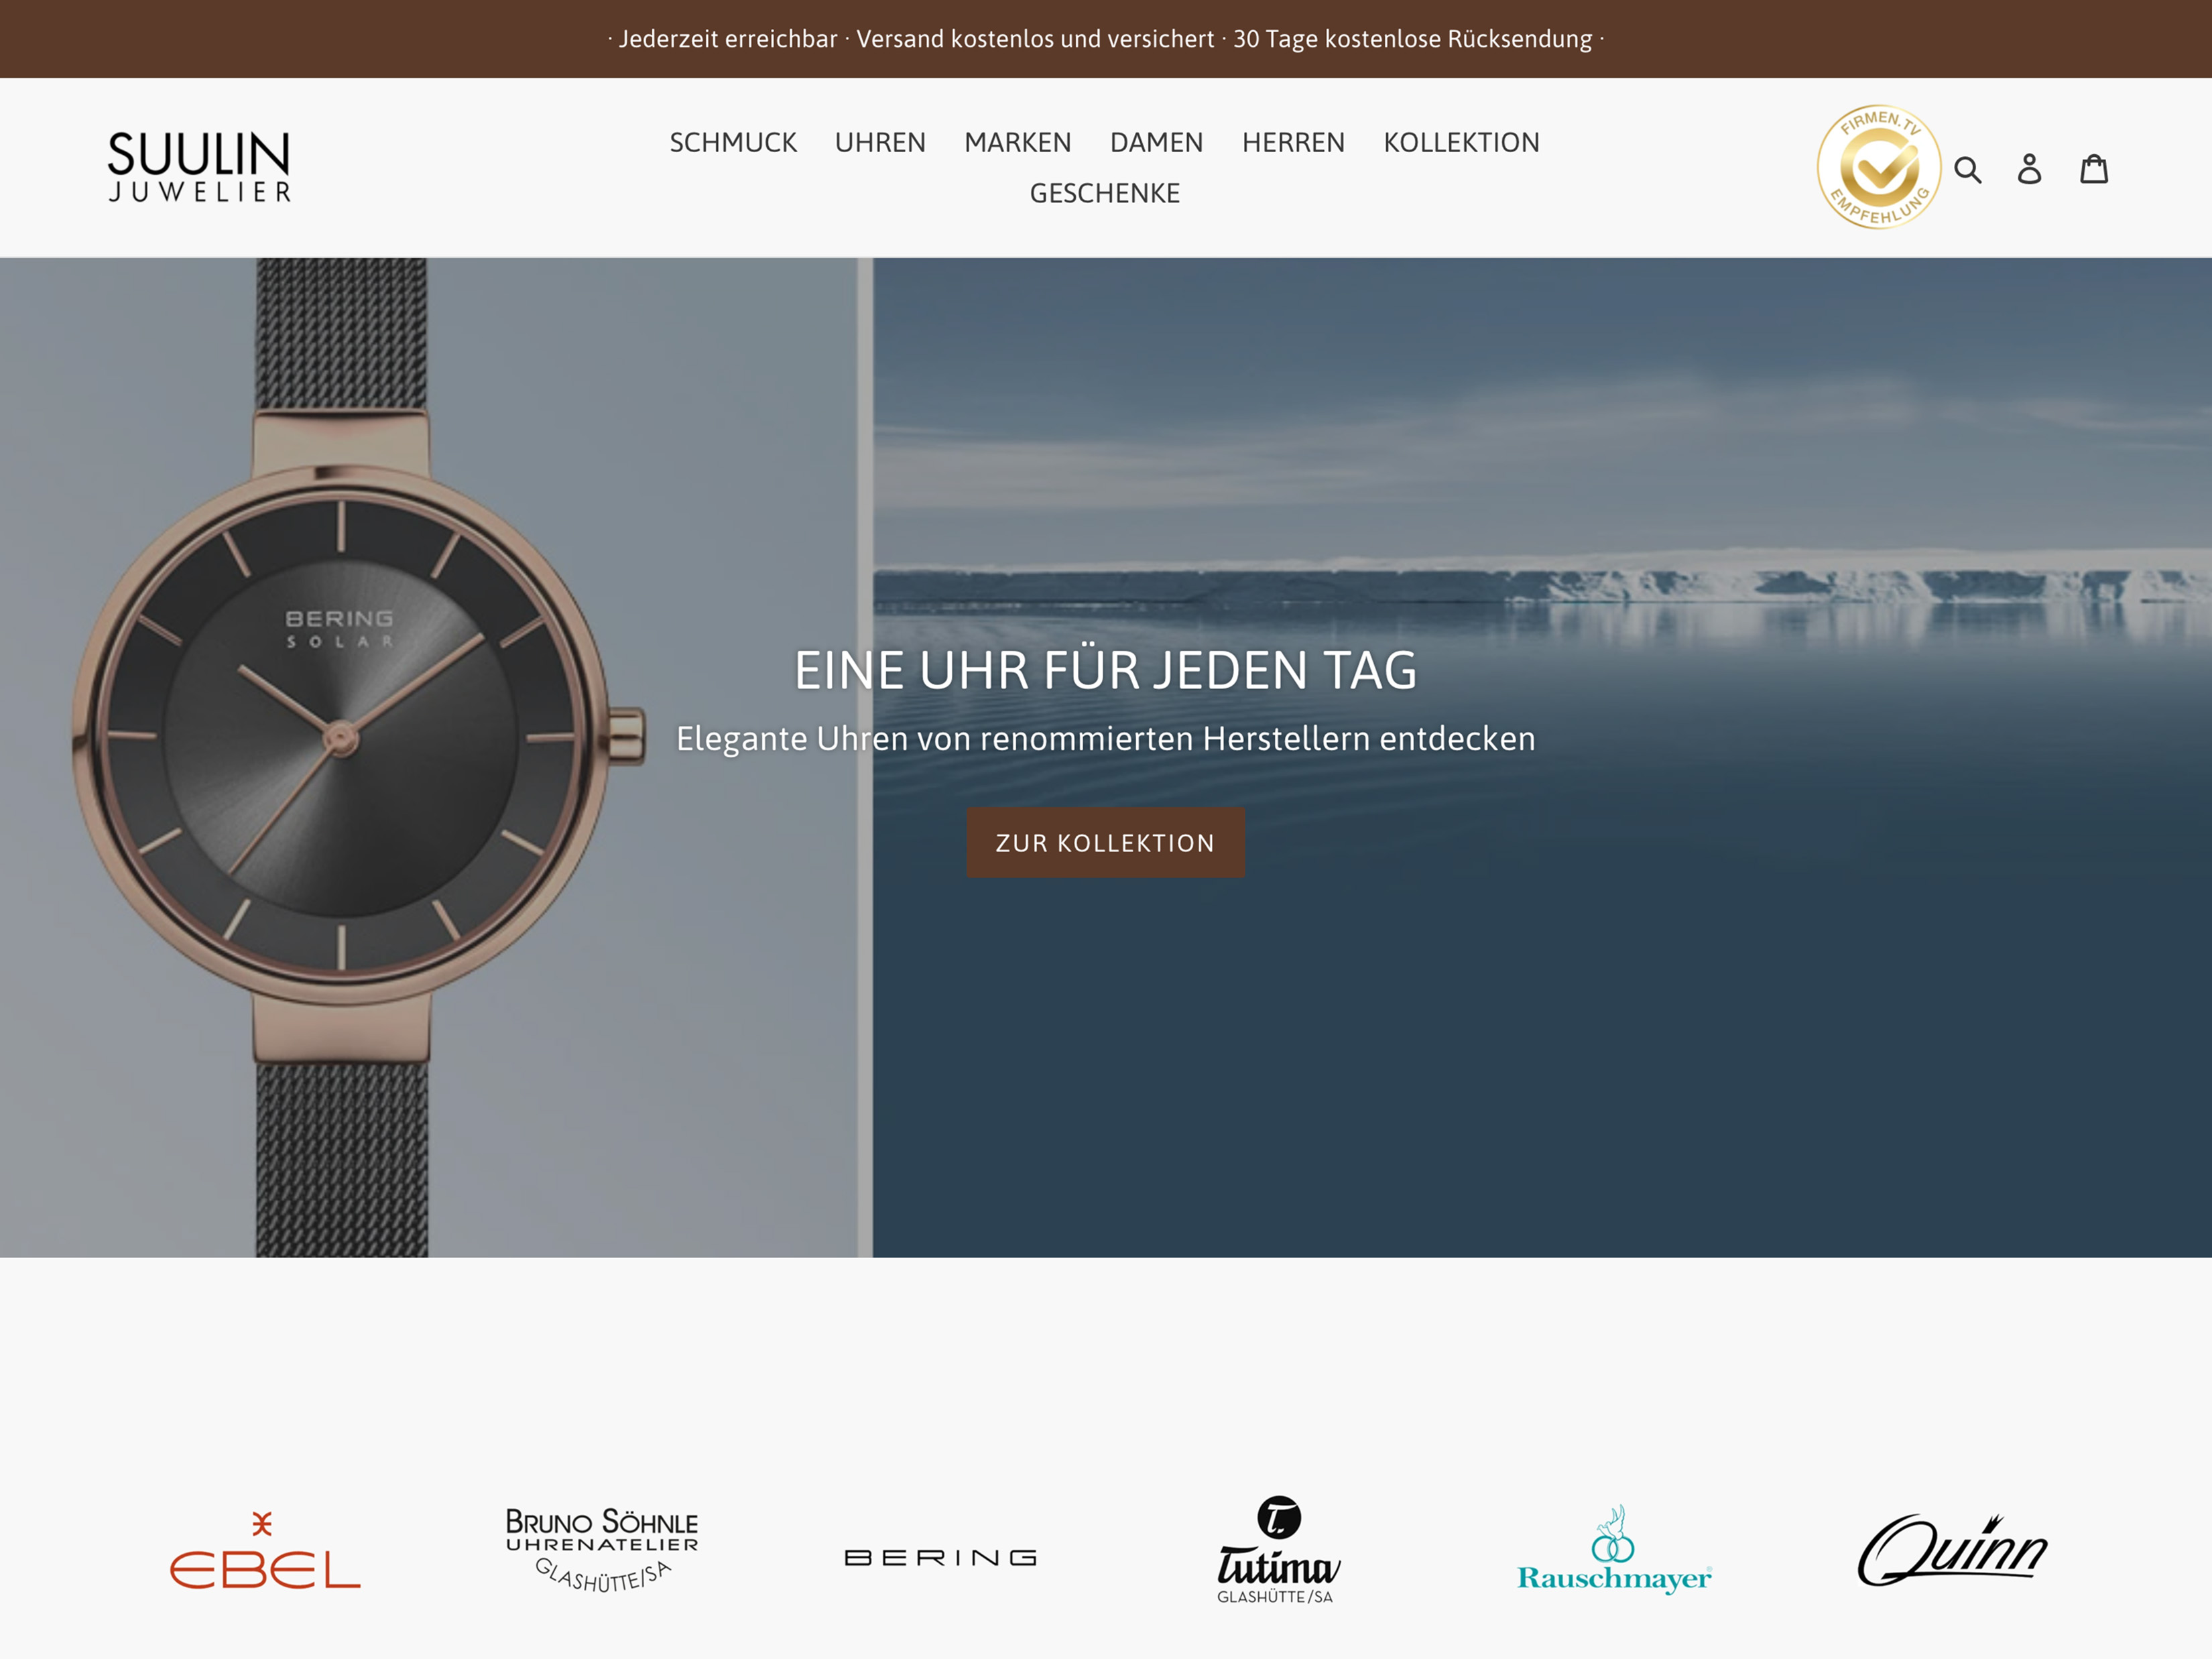 Onlineshop für Lokalunternehmen (Juwelier) - Content-Strategie